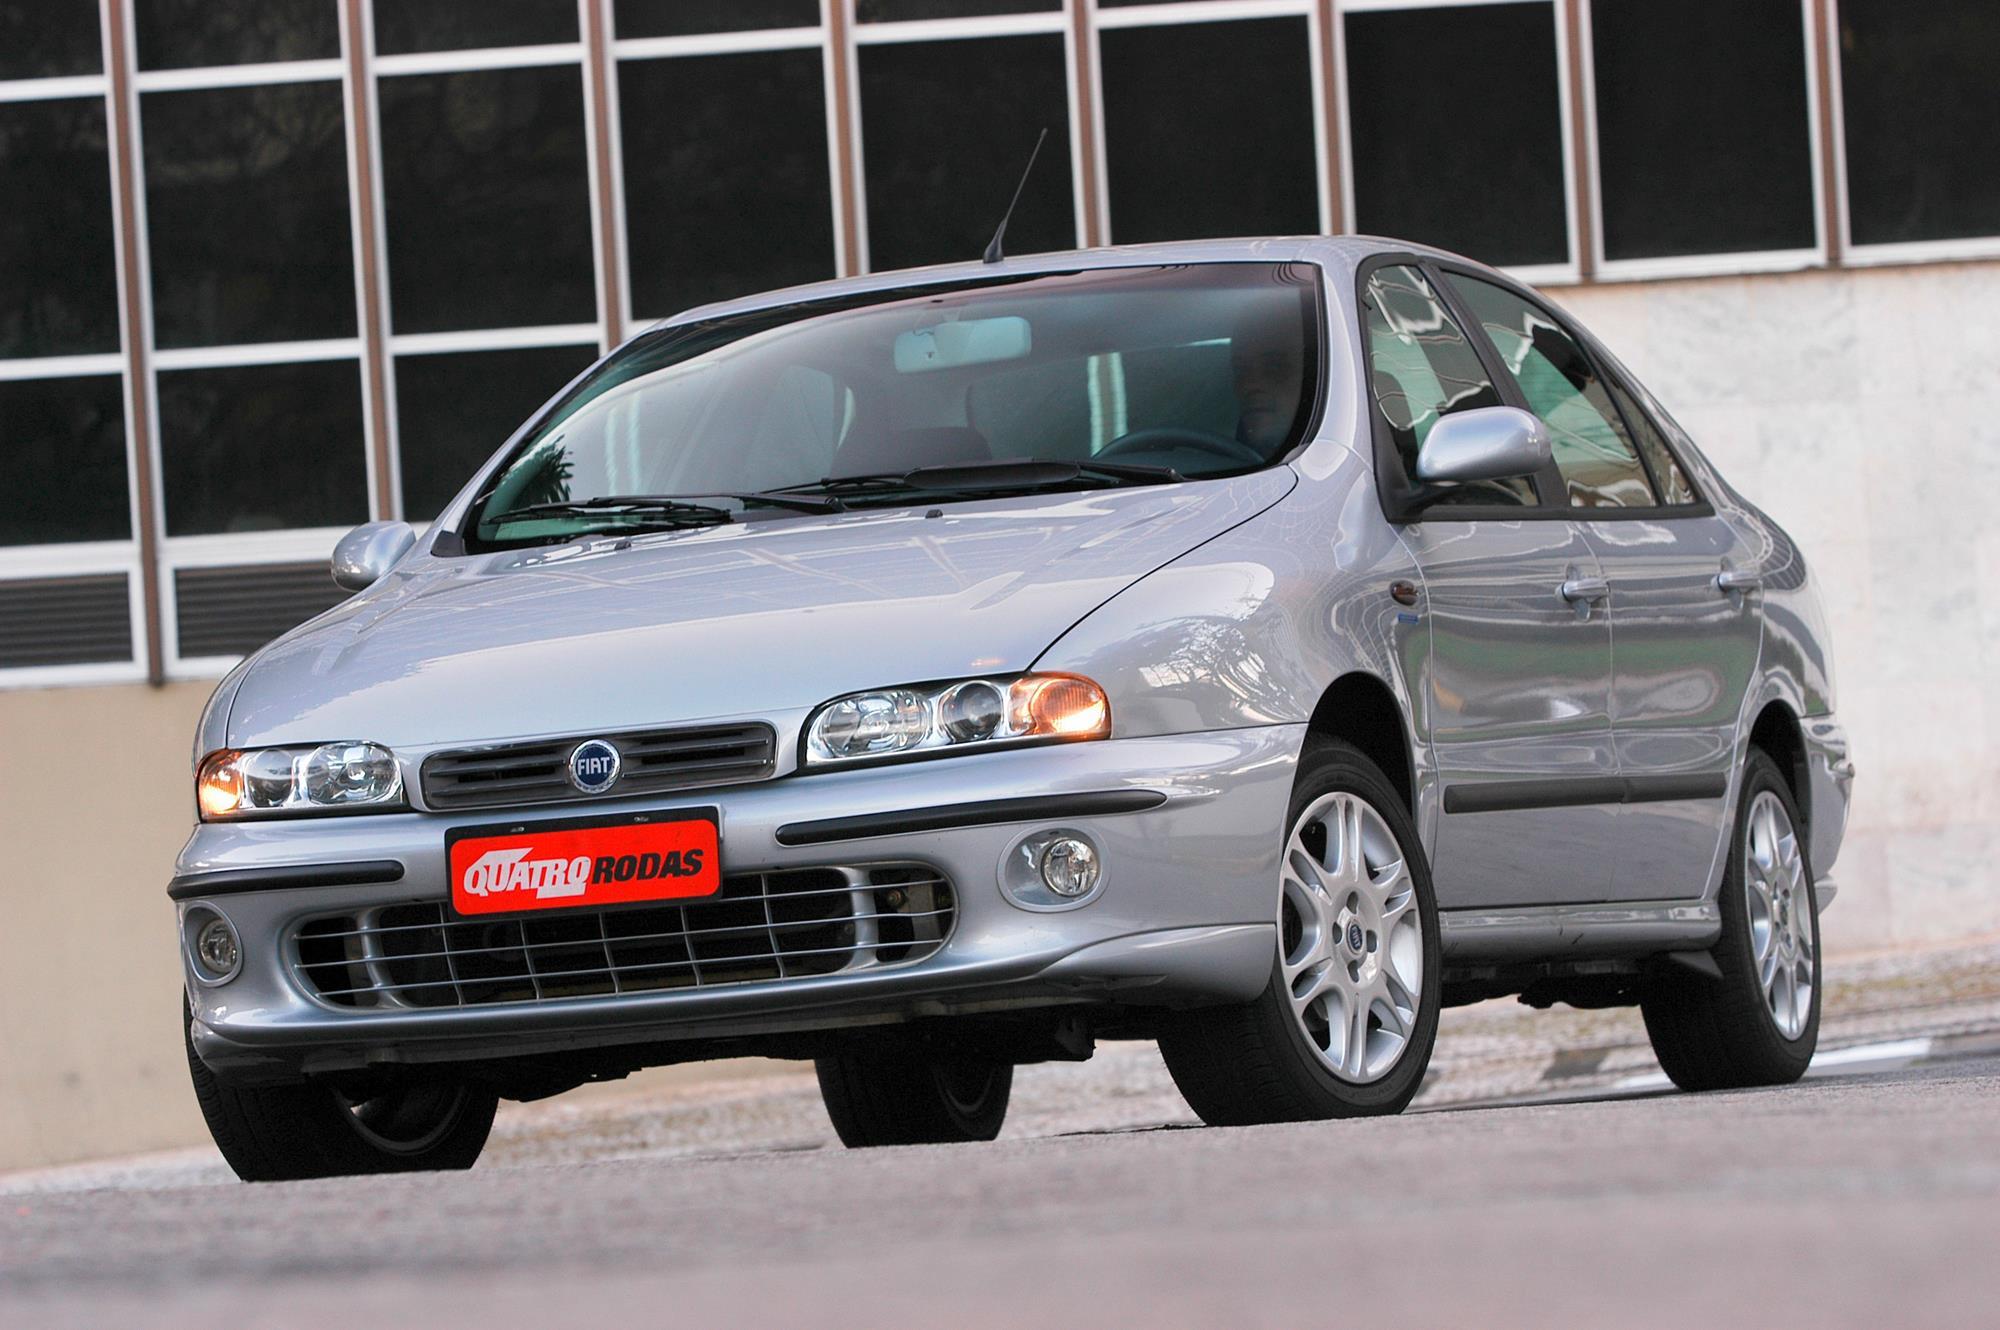 Marea SX 1.6 16V, modelo 2006 da Fiat, testado pela revista Quatro Rodas.